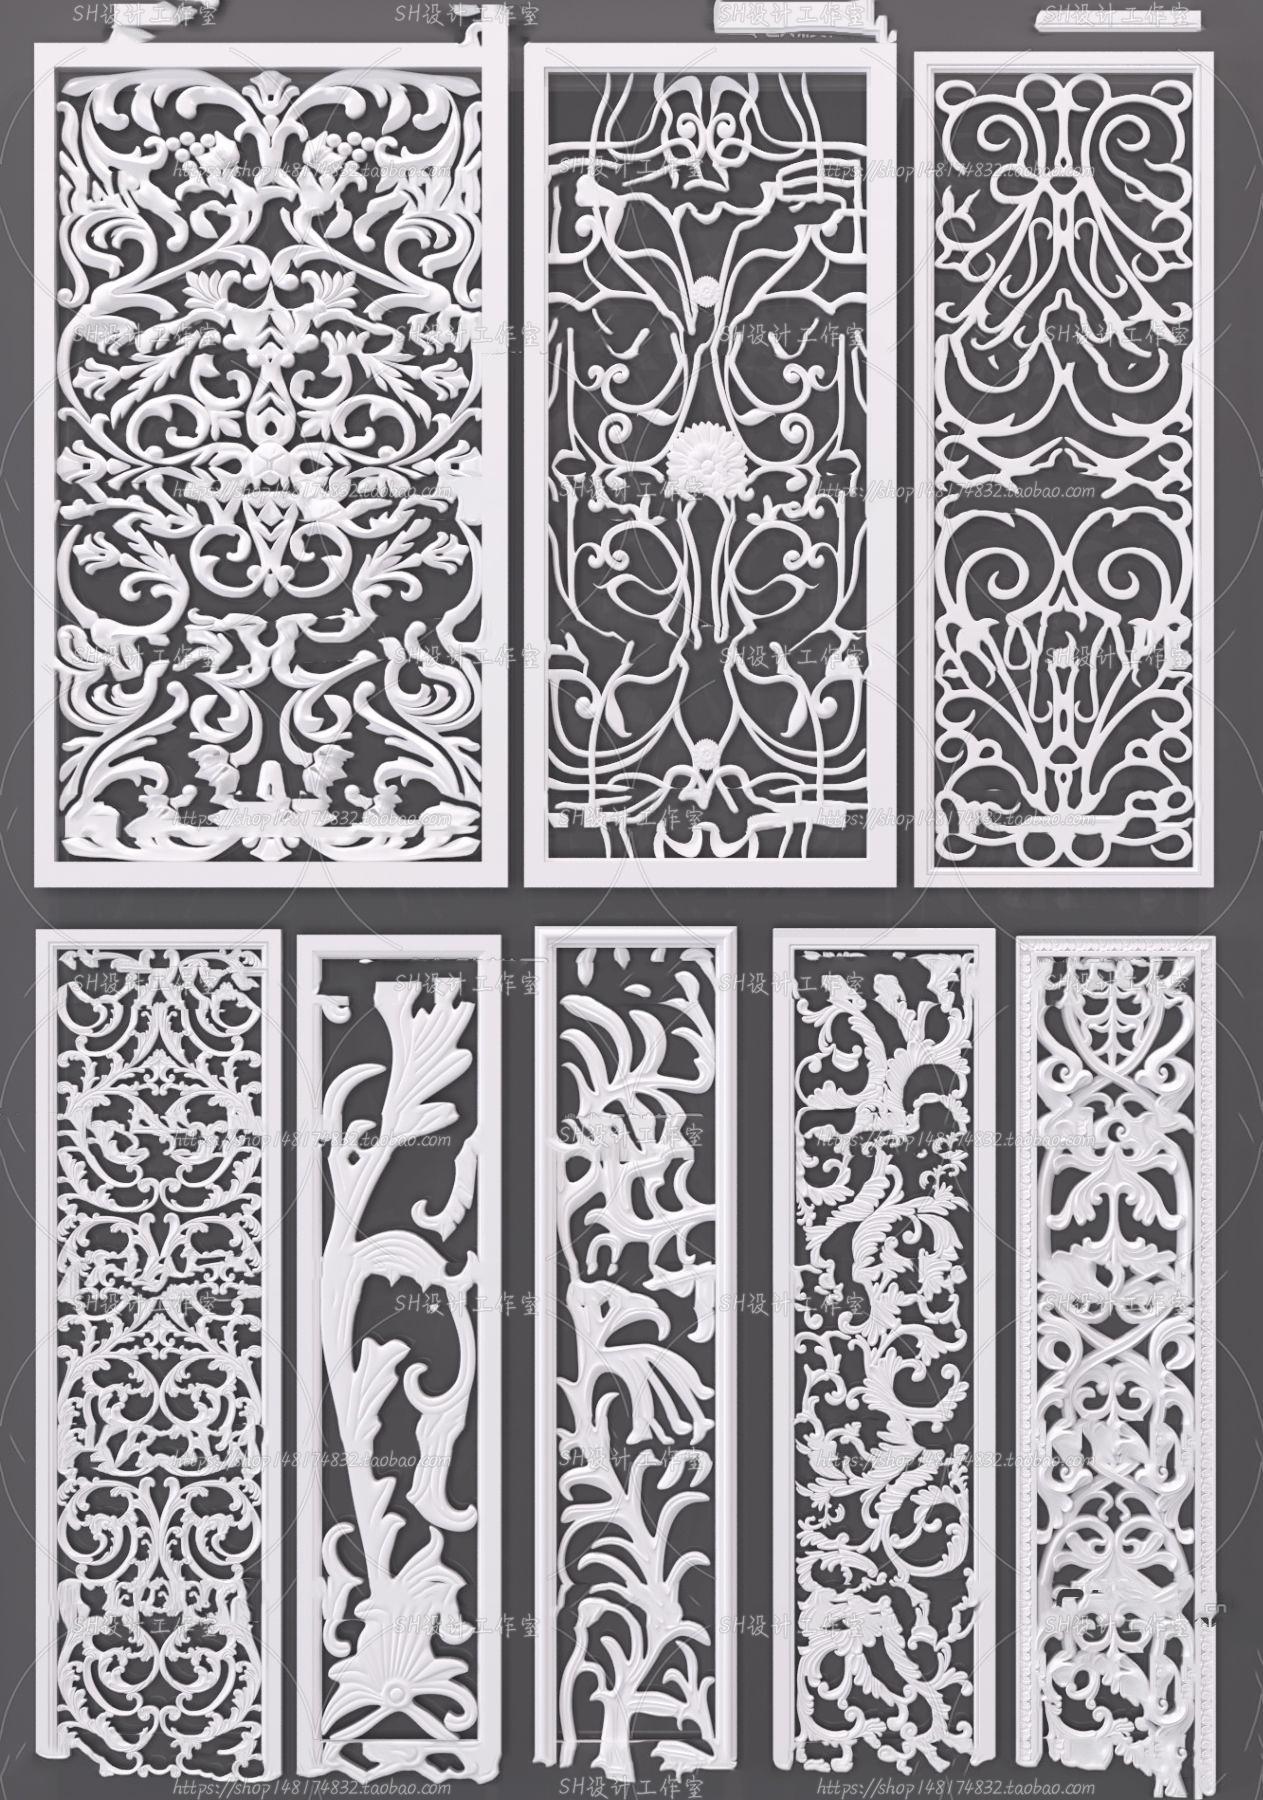 3DSKY FREE – CNC PANELS – VOL.4 – No.028